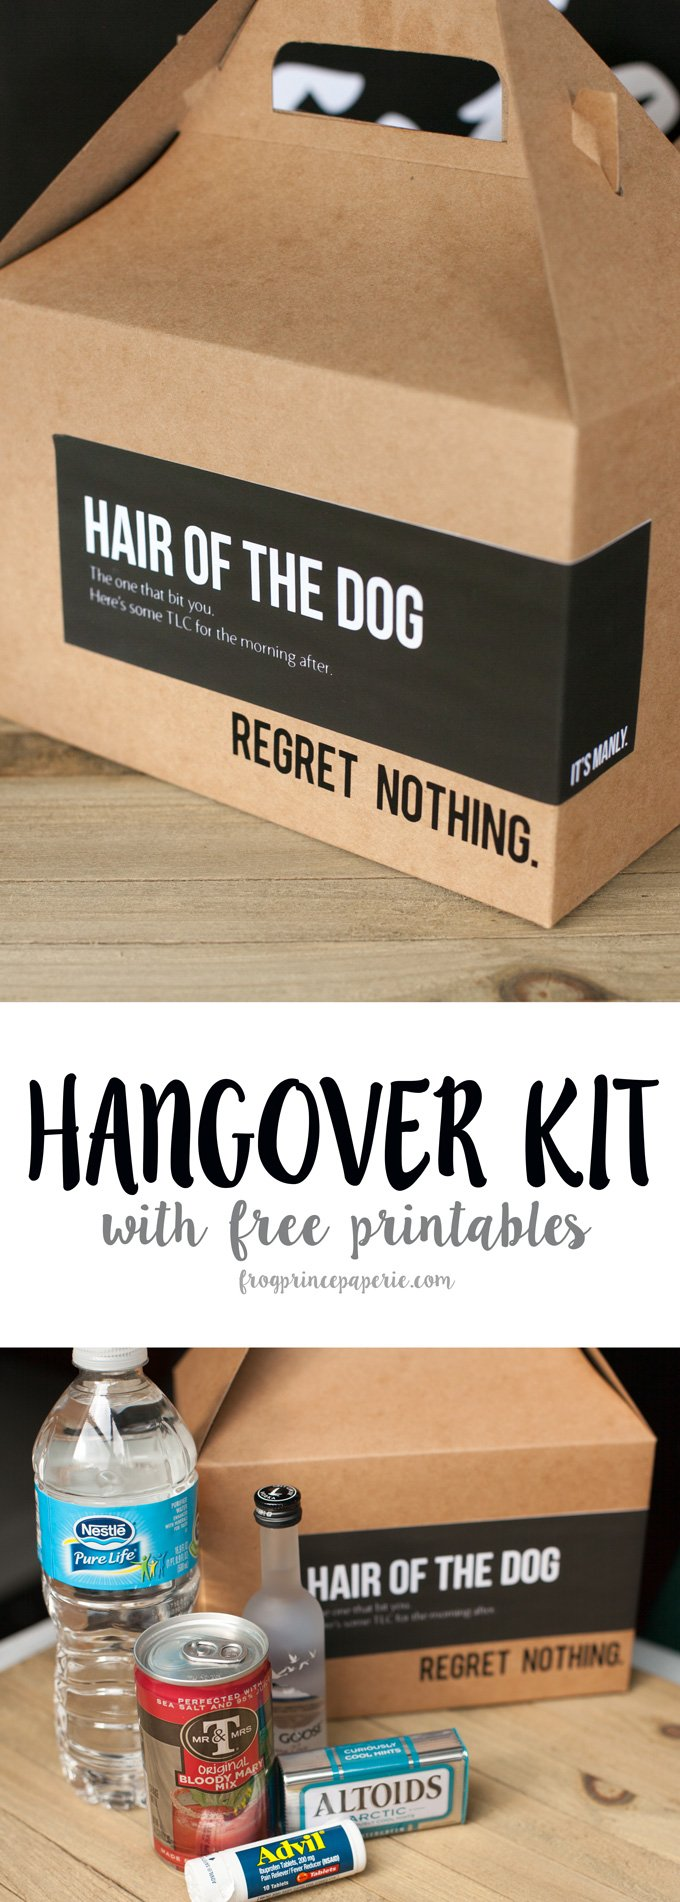 DIY Hangover Kit